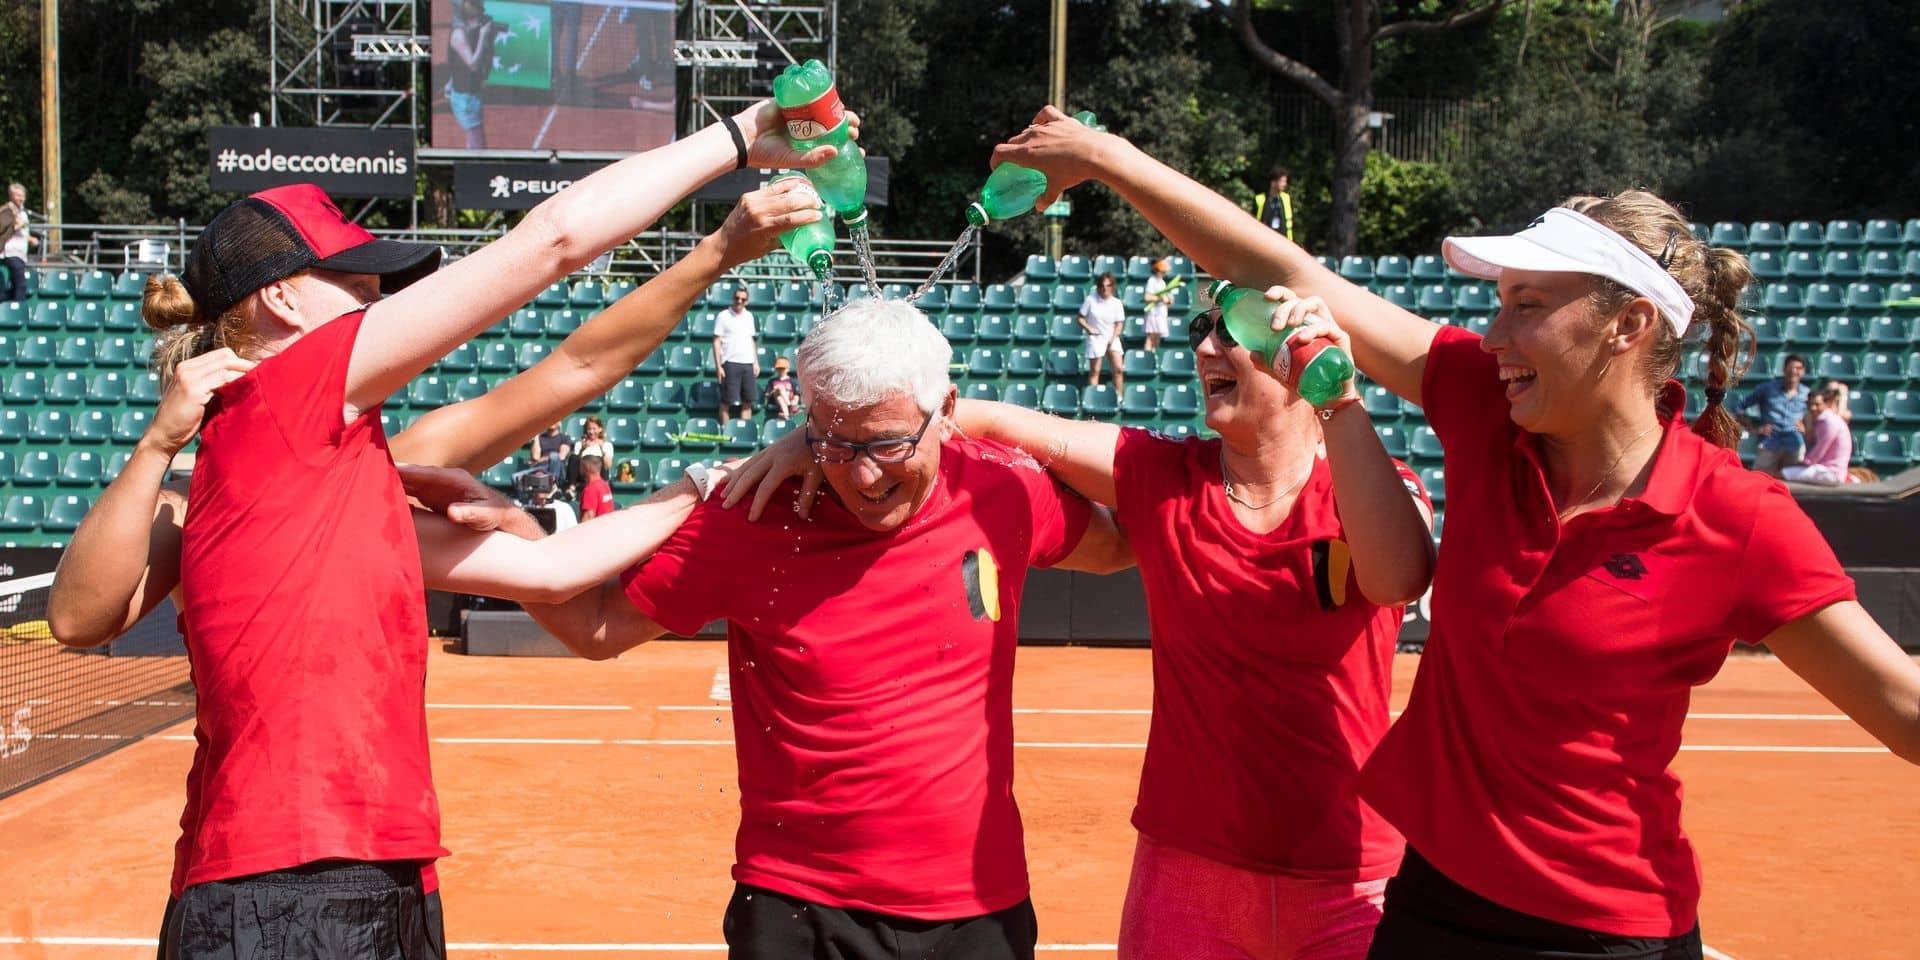 La Belgique ne sera pas tête de série pour la Fed Cup 2019